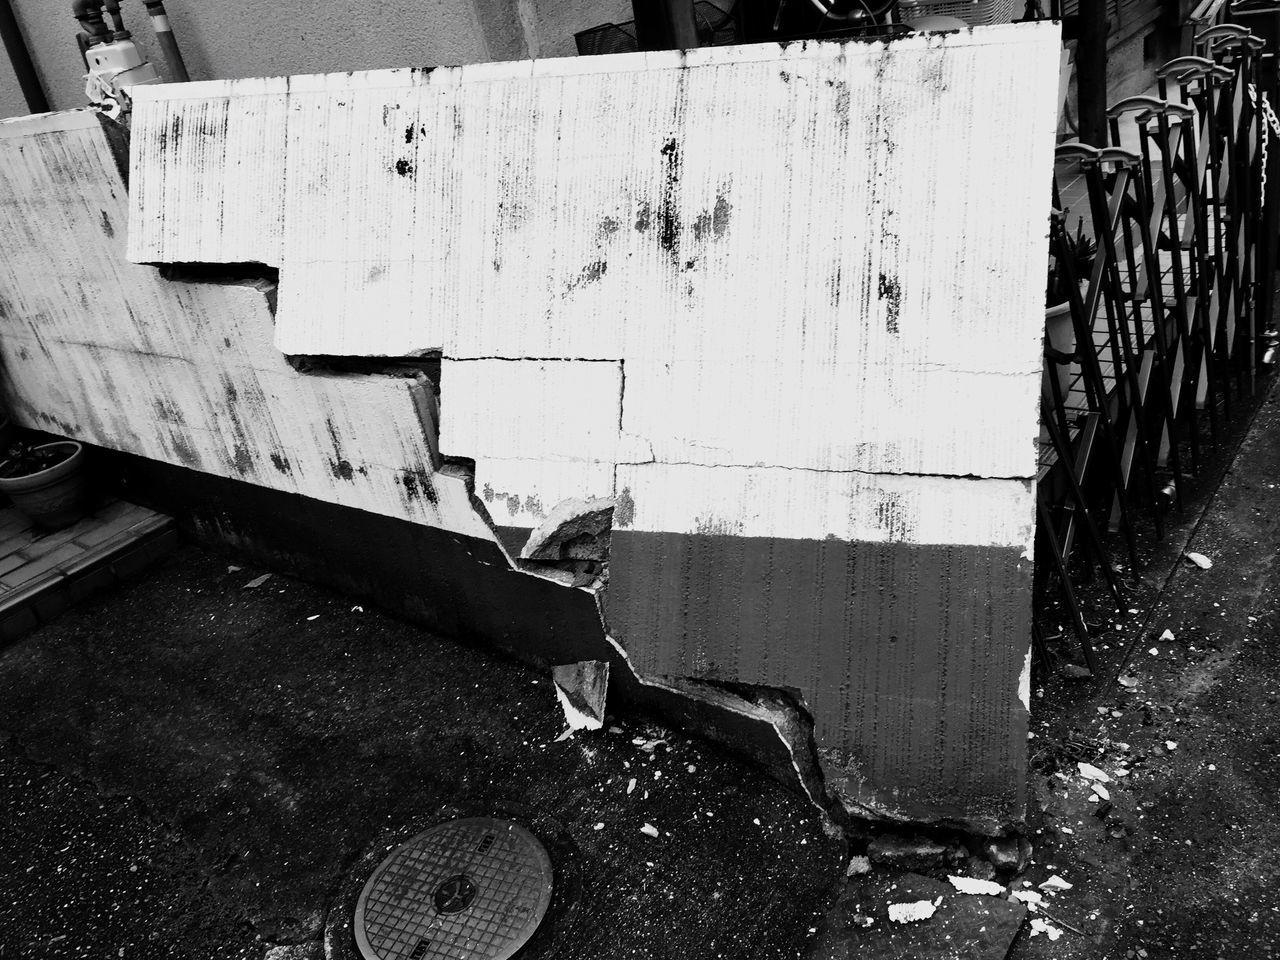 Broken MyHOUSE ByDANJIRI DANJIRI